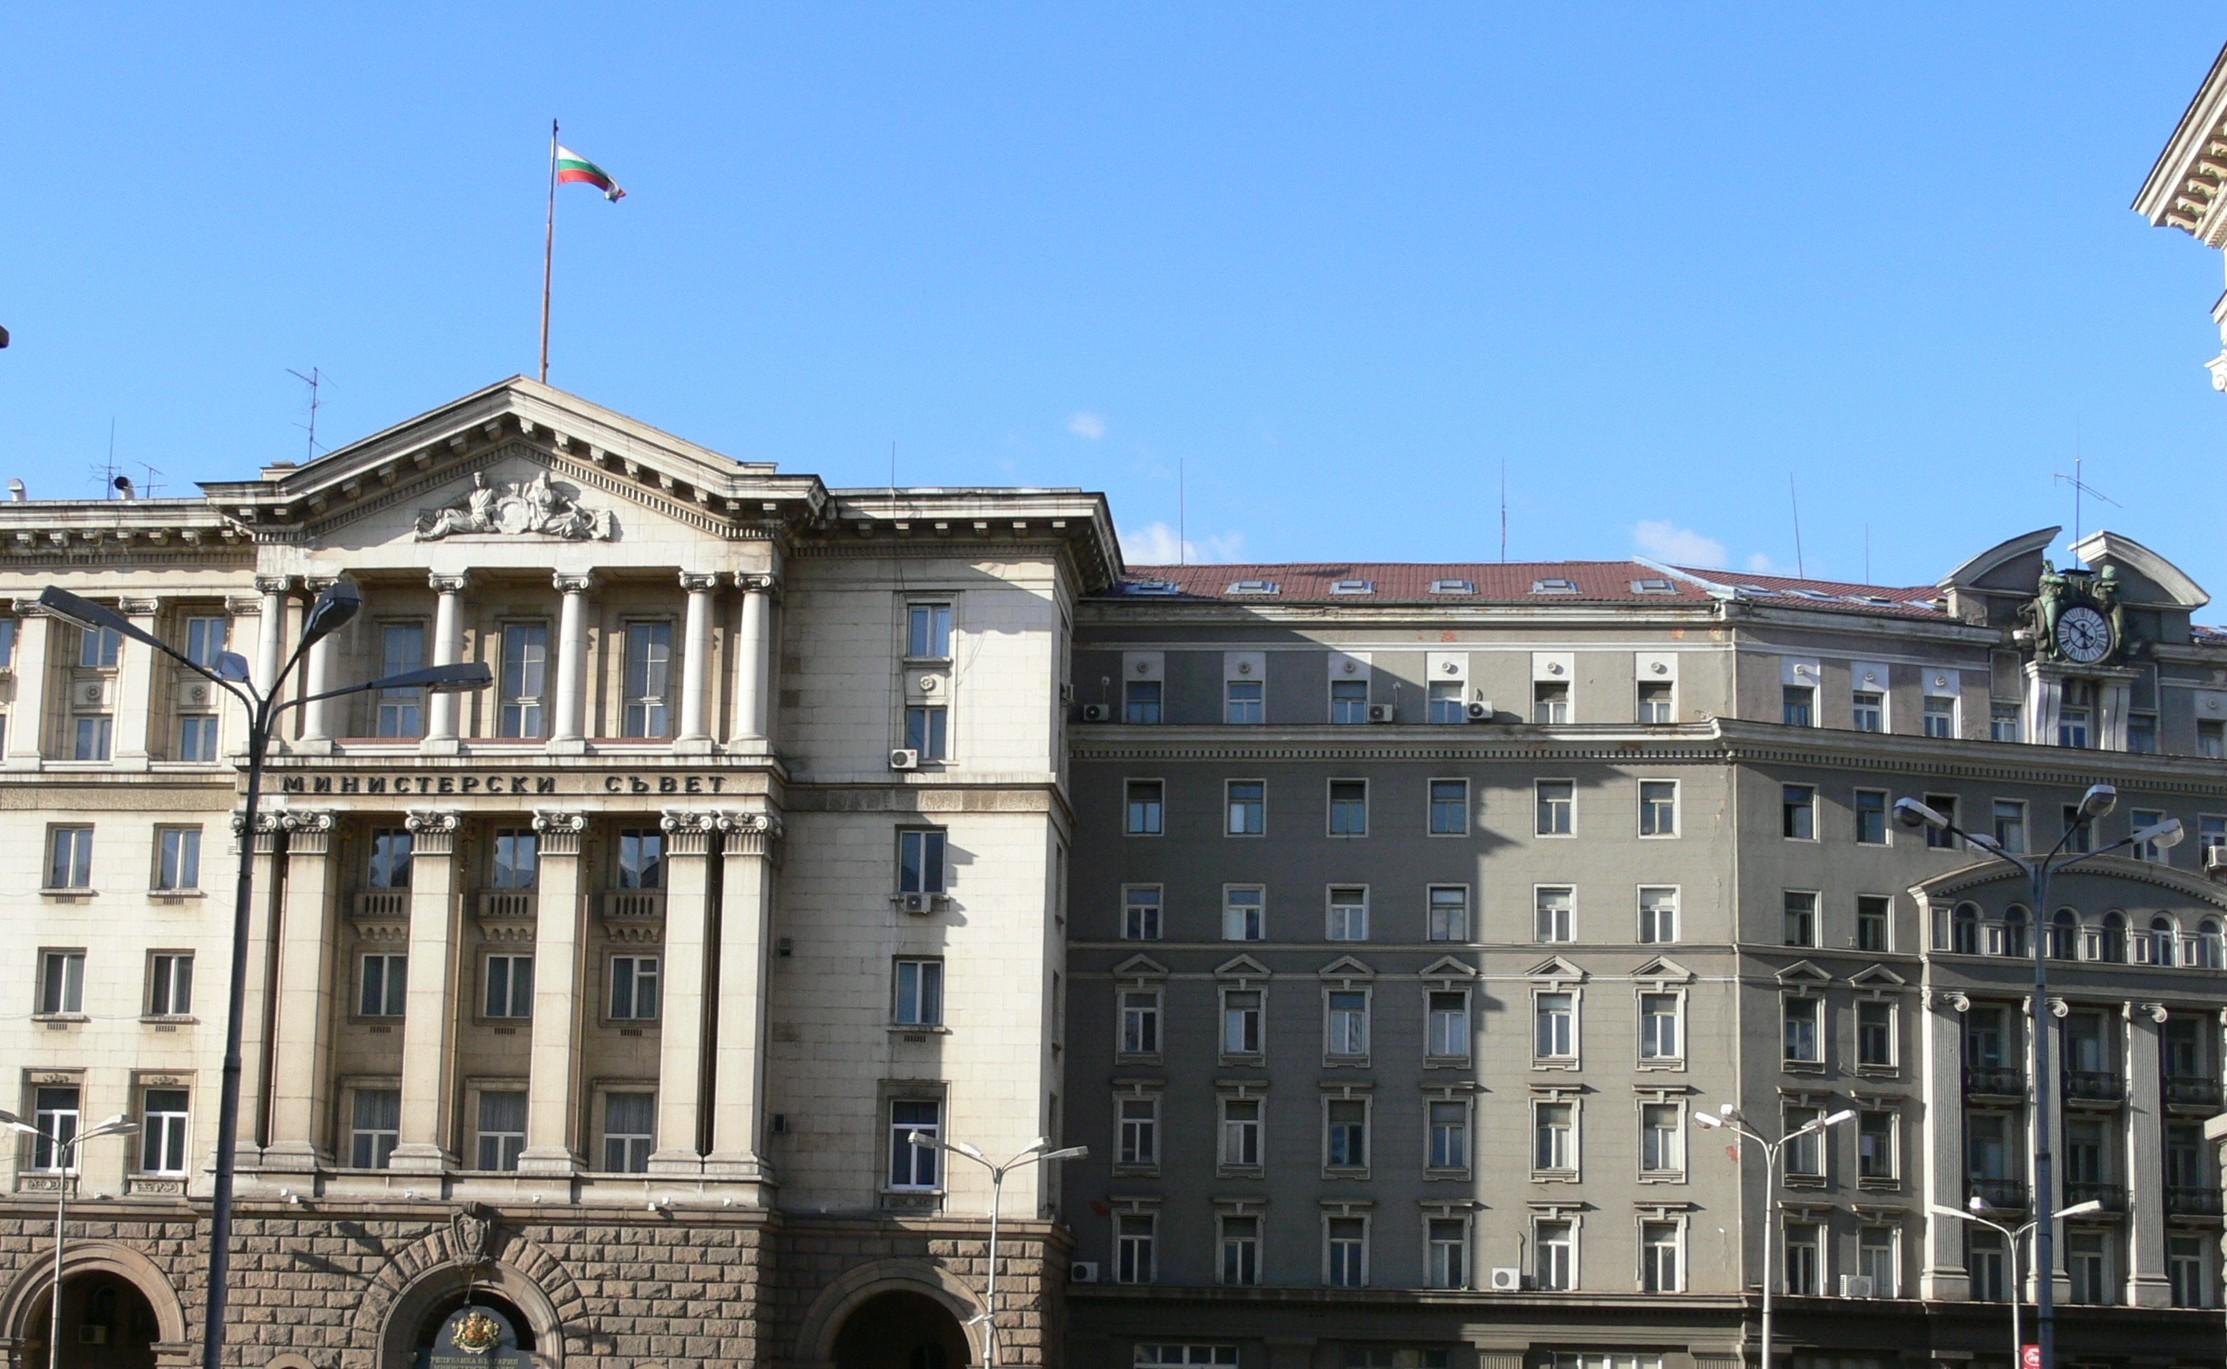 False starts dog Bulgaria's proposed new cabinet